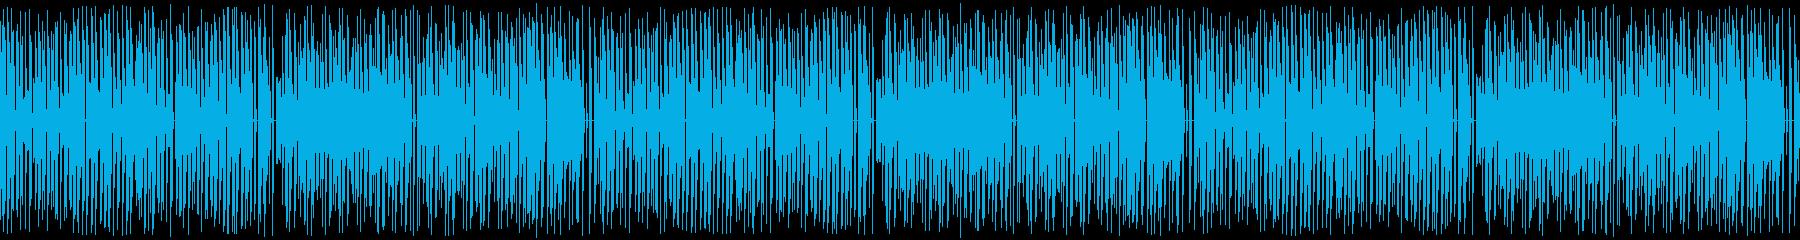 ループ再生・レトロゲーム風・楽しい日常の再生済みの波形